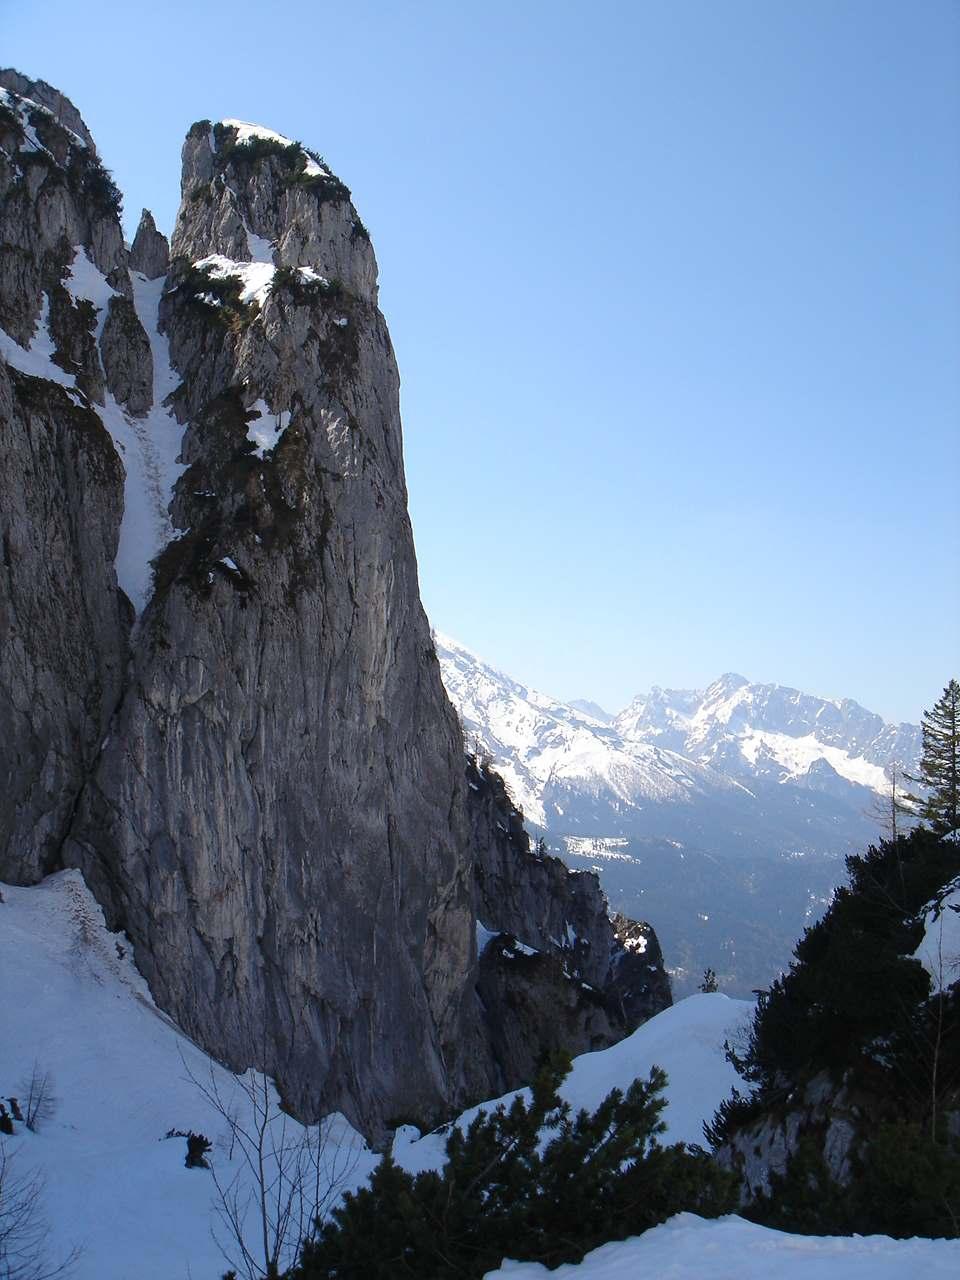 Foto: Manfred Karl / Ski Tour / Hoher Göll, 2522m / Eindrucksvoll ist besonders der untere Teil vom Alpeltal. / 18.05.2007 06:44:32